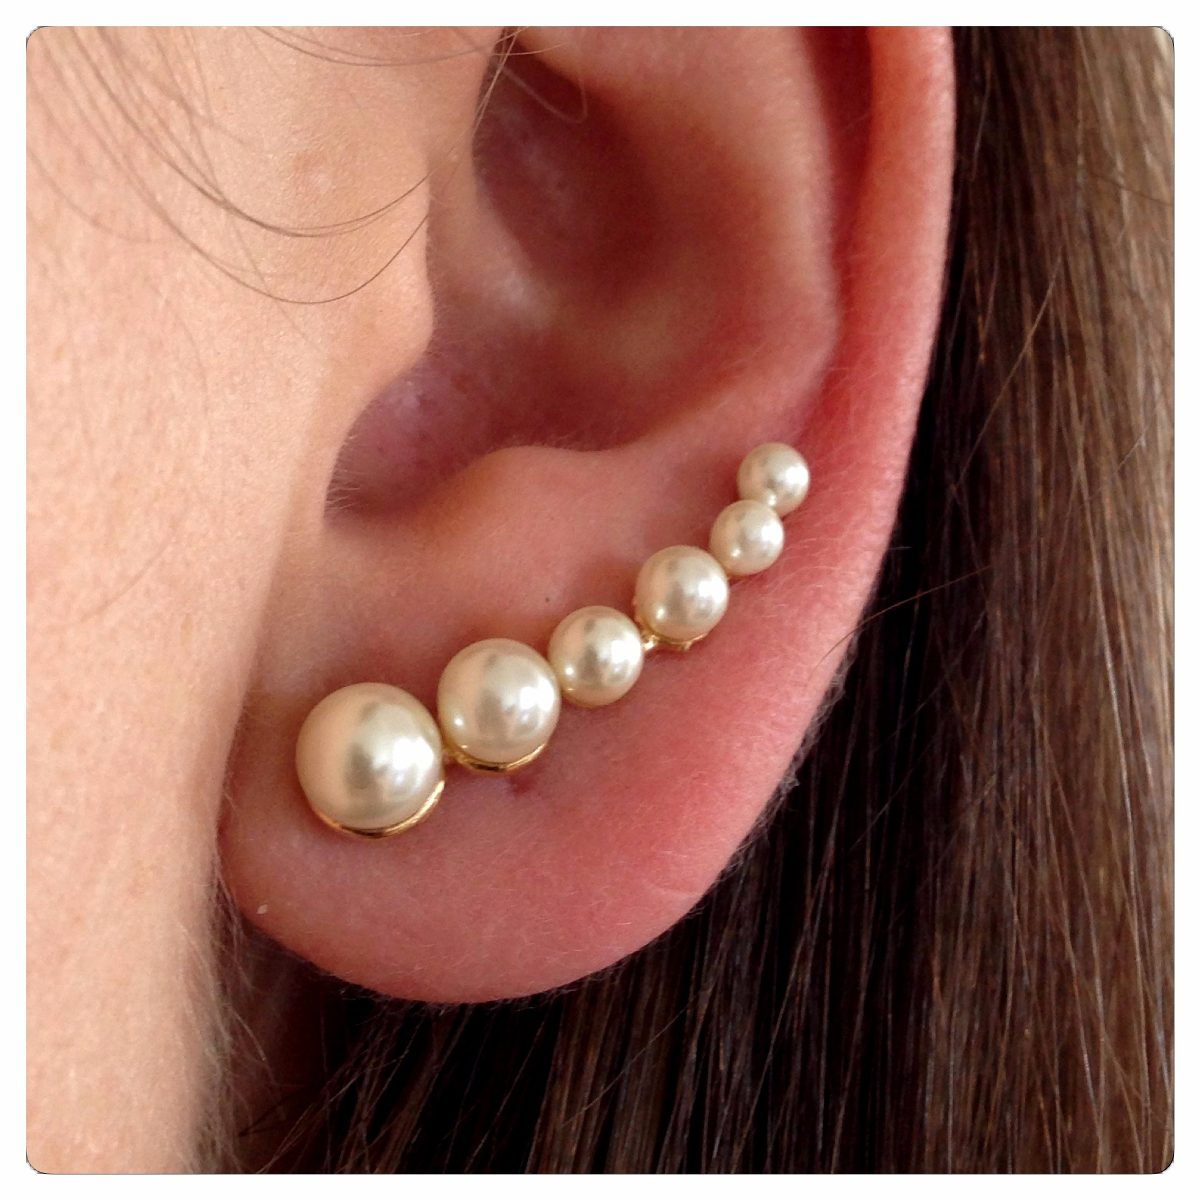 5fb512381e617 brinco em prata lei folheado a ouro 18k ear cuff pérolas. Carregando zoom.